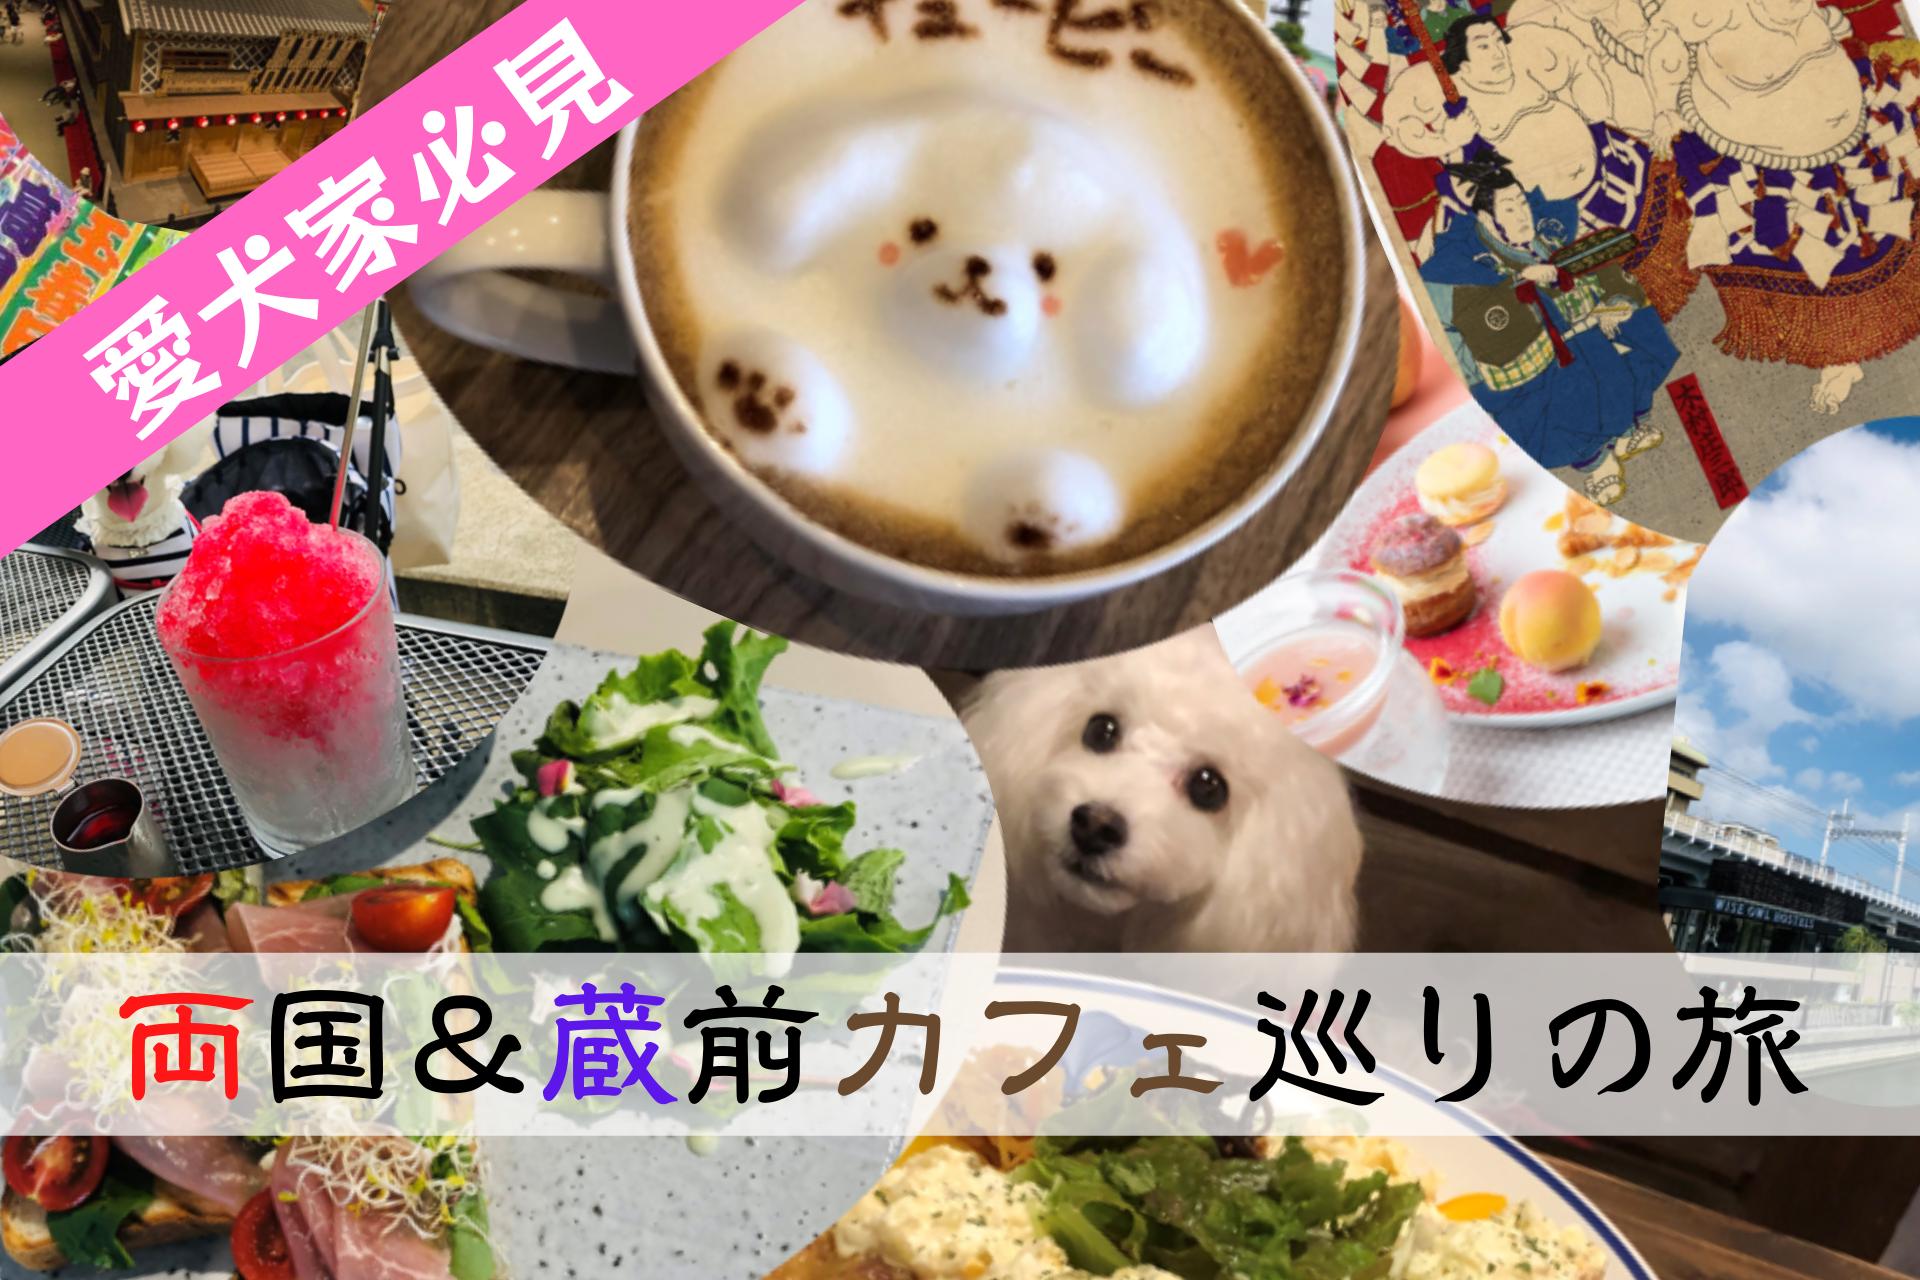 両国、蔵前、台東区、墨田区、ペット可、ドッグカフェ、レストラン、ペット宿泊可能なホテル、東京都、ワンコOK、犬連れ